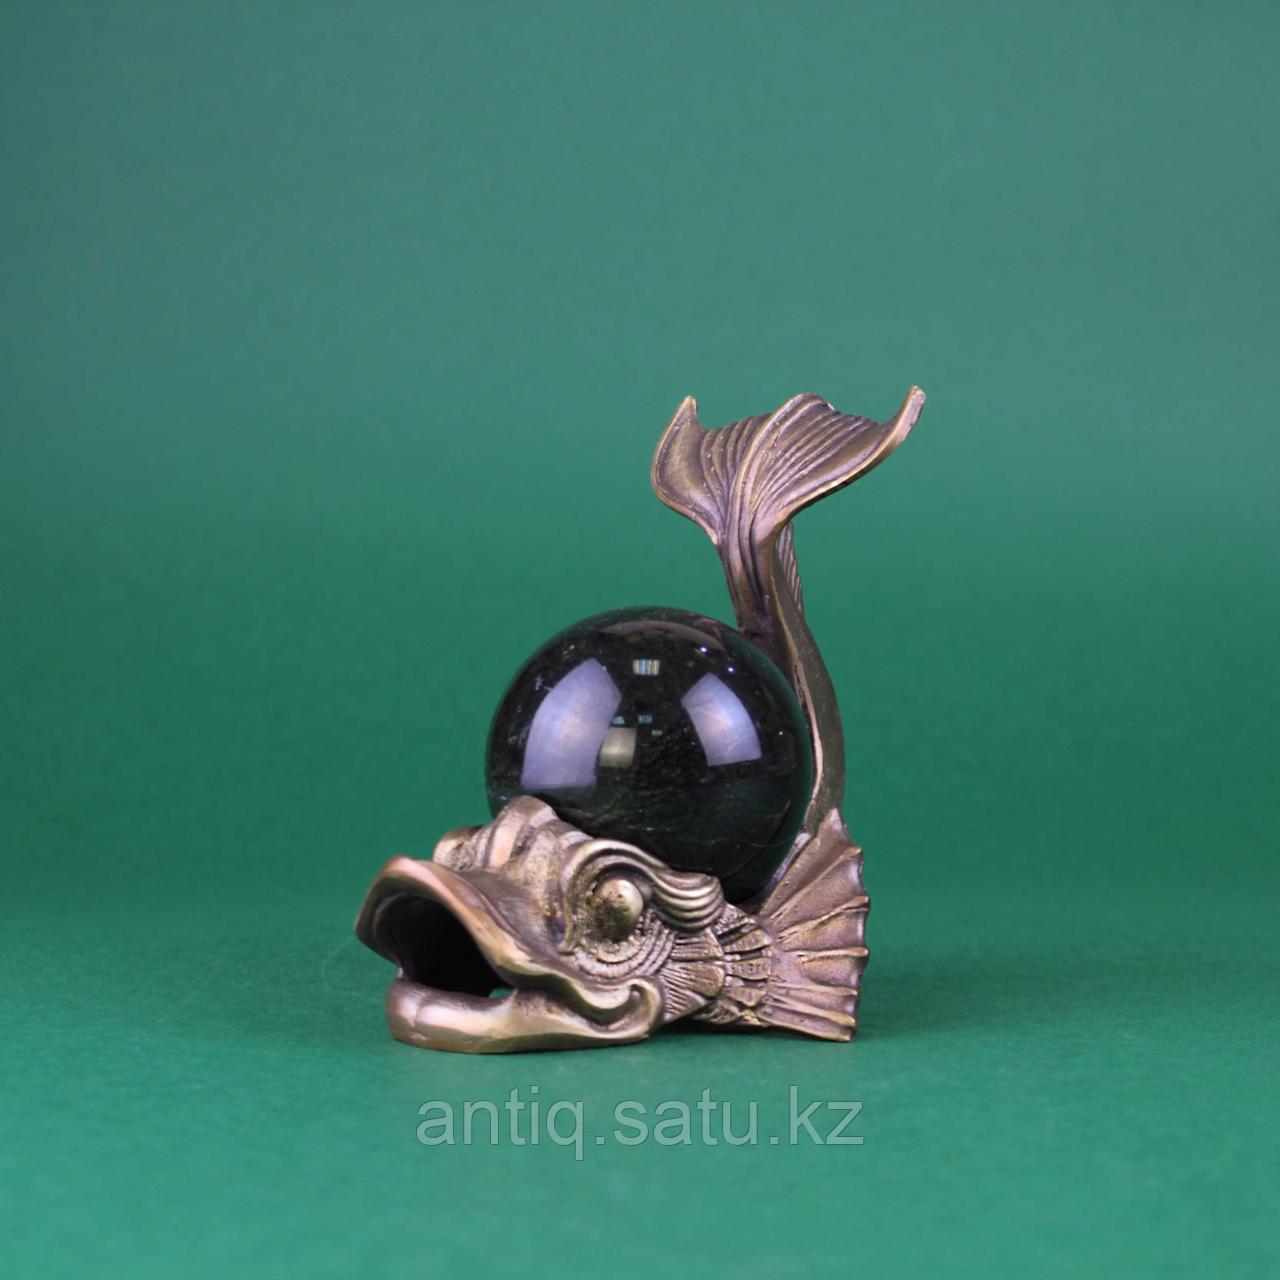 Рыба с шаром из камня. Бронза, литье, шар из натурального камня темно зеленого цвета. - фото 4